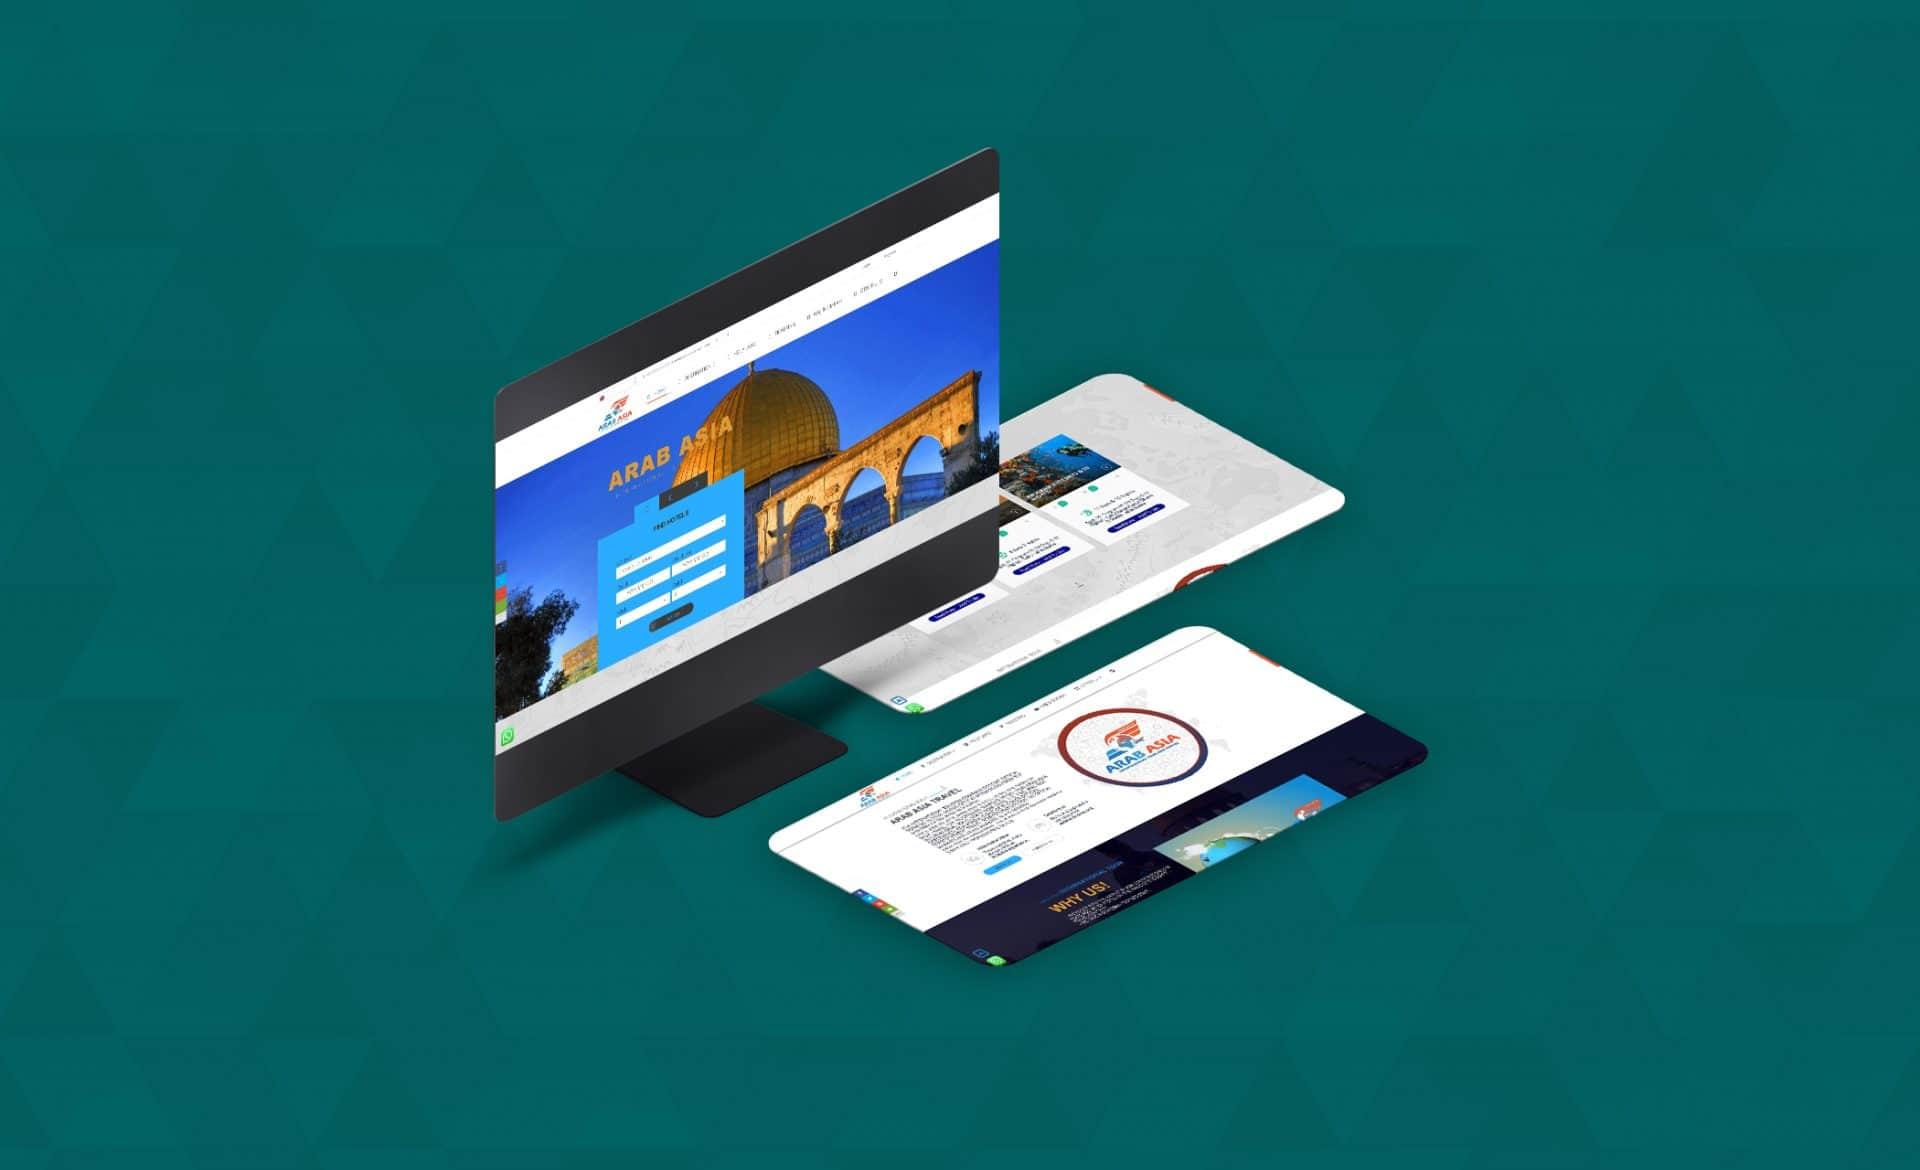 Arab Asia Travel Site